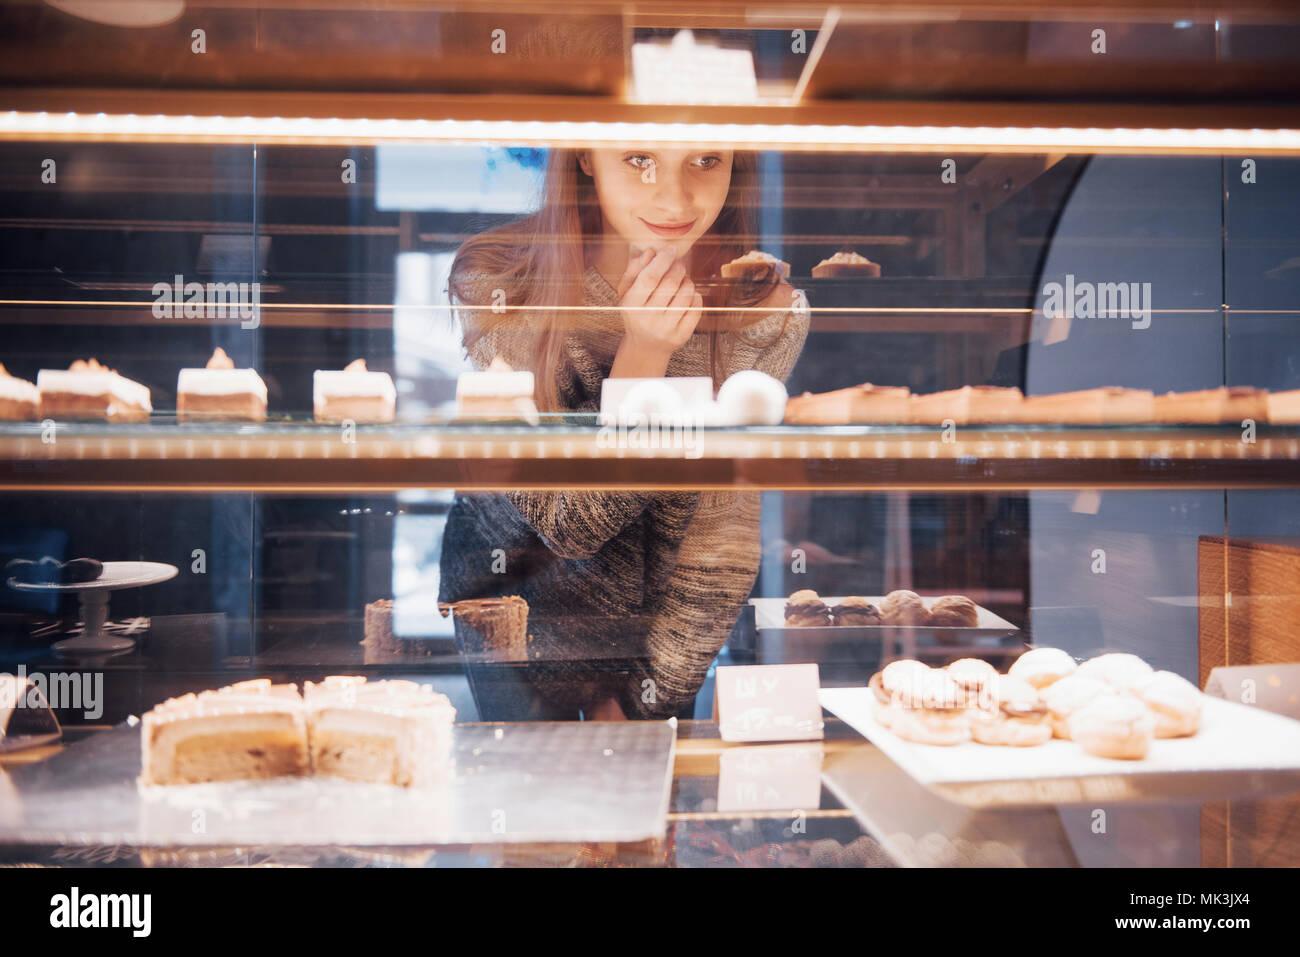 Mujer sonriente a la cámara a través de la vitrina con dulces y pasteles en la moderna cafetería interior Imagen De Stock